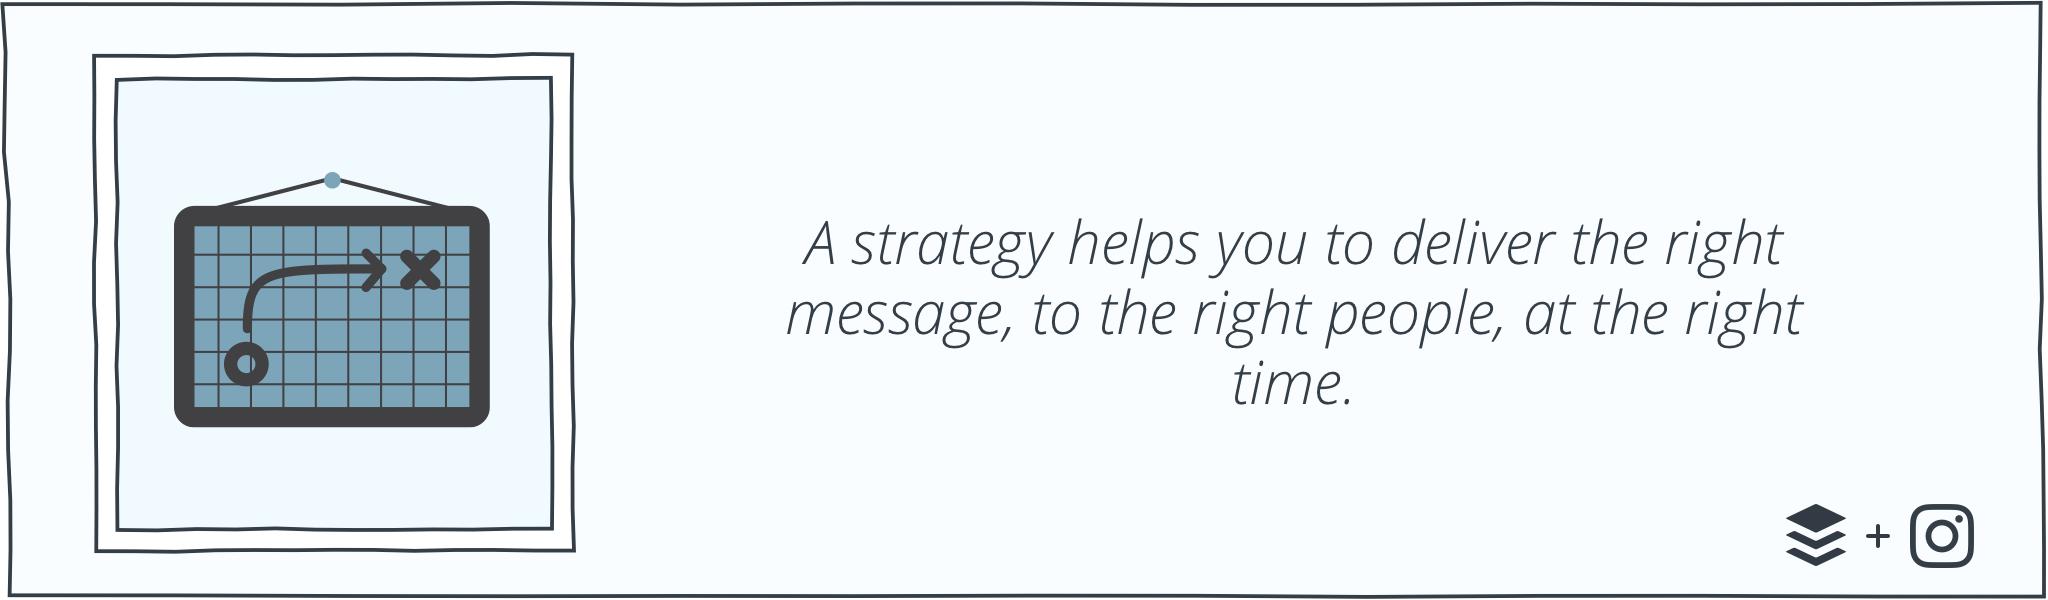 IG-strategy@2x